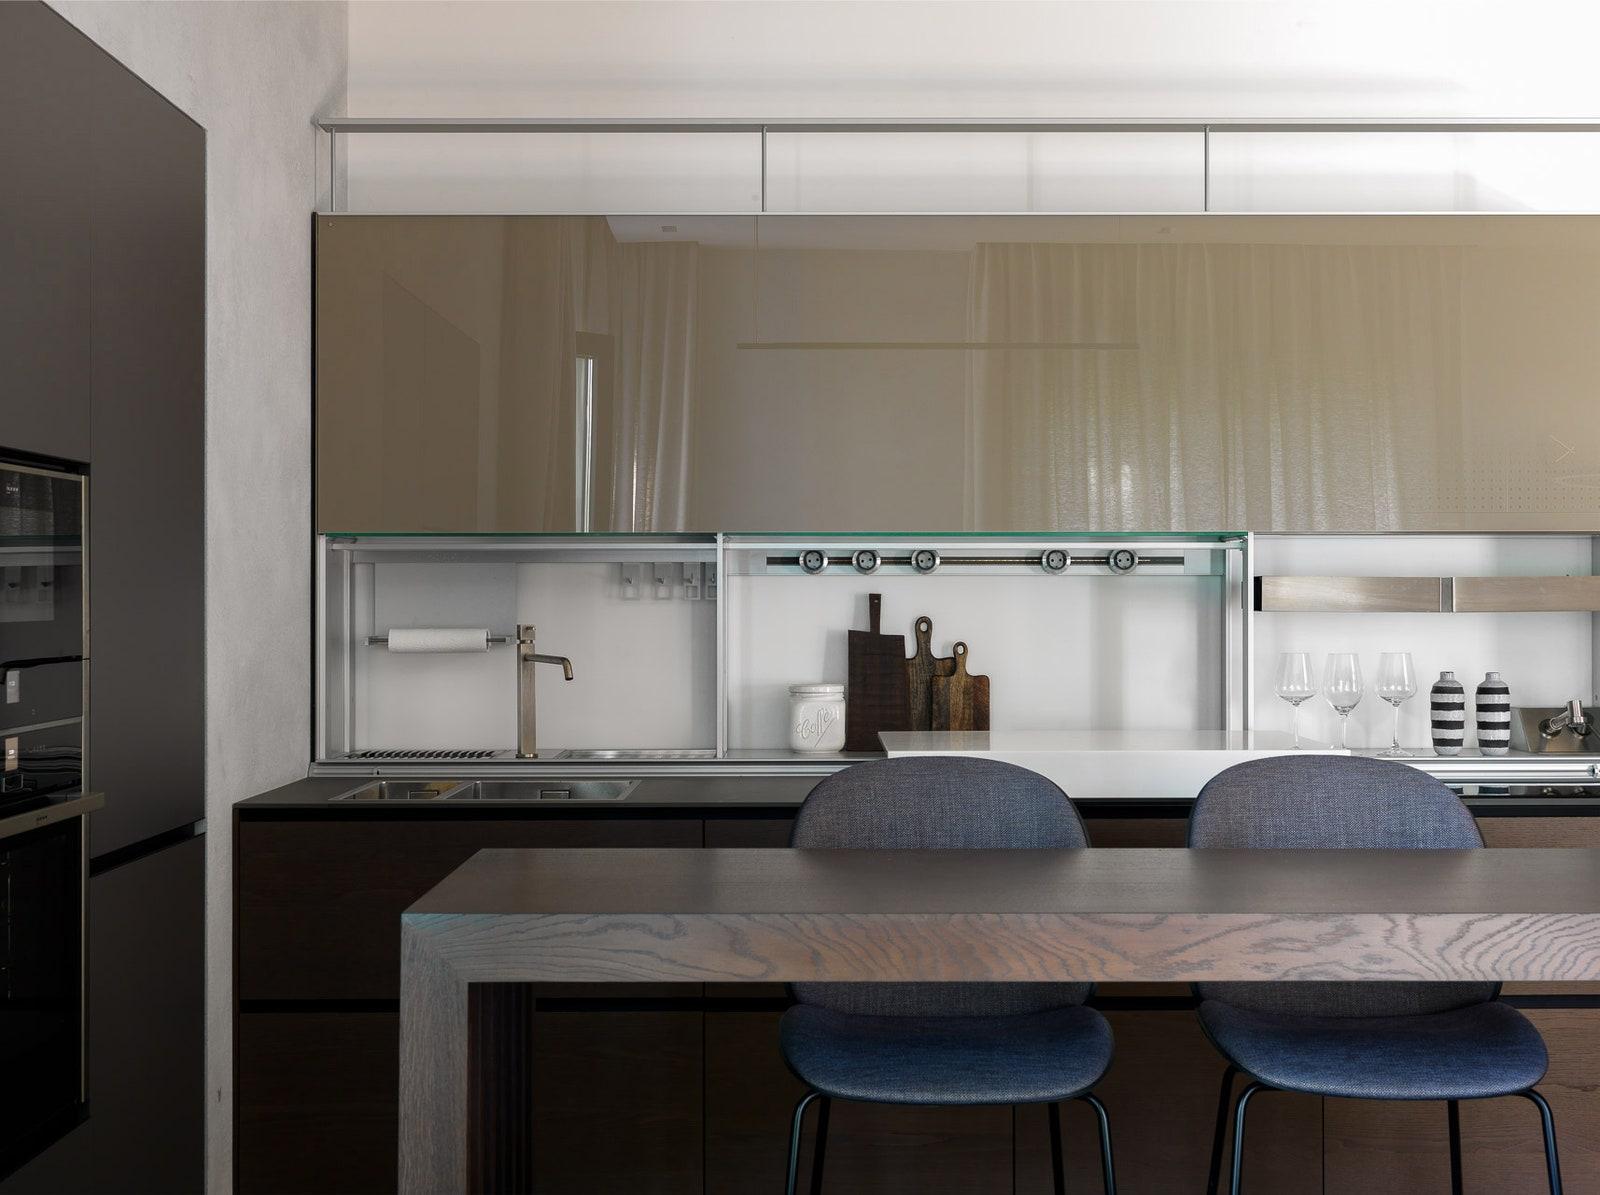 New Logica Valcucine                 .   Gubi   Wood amp Interiors  Designboom Predmety     Moon Stores.